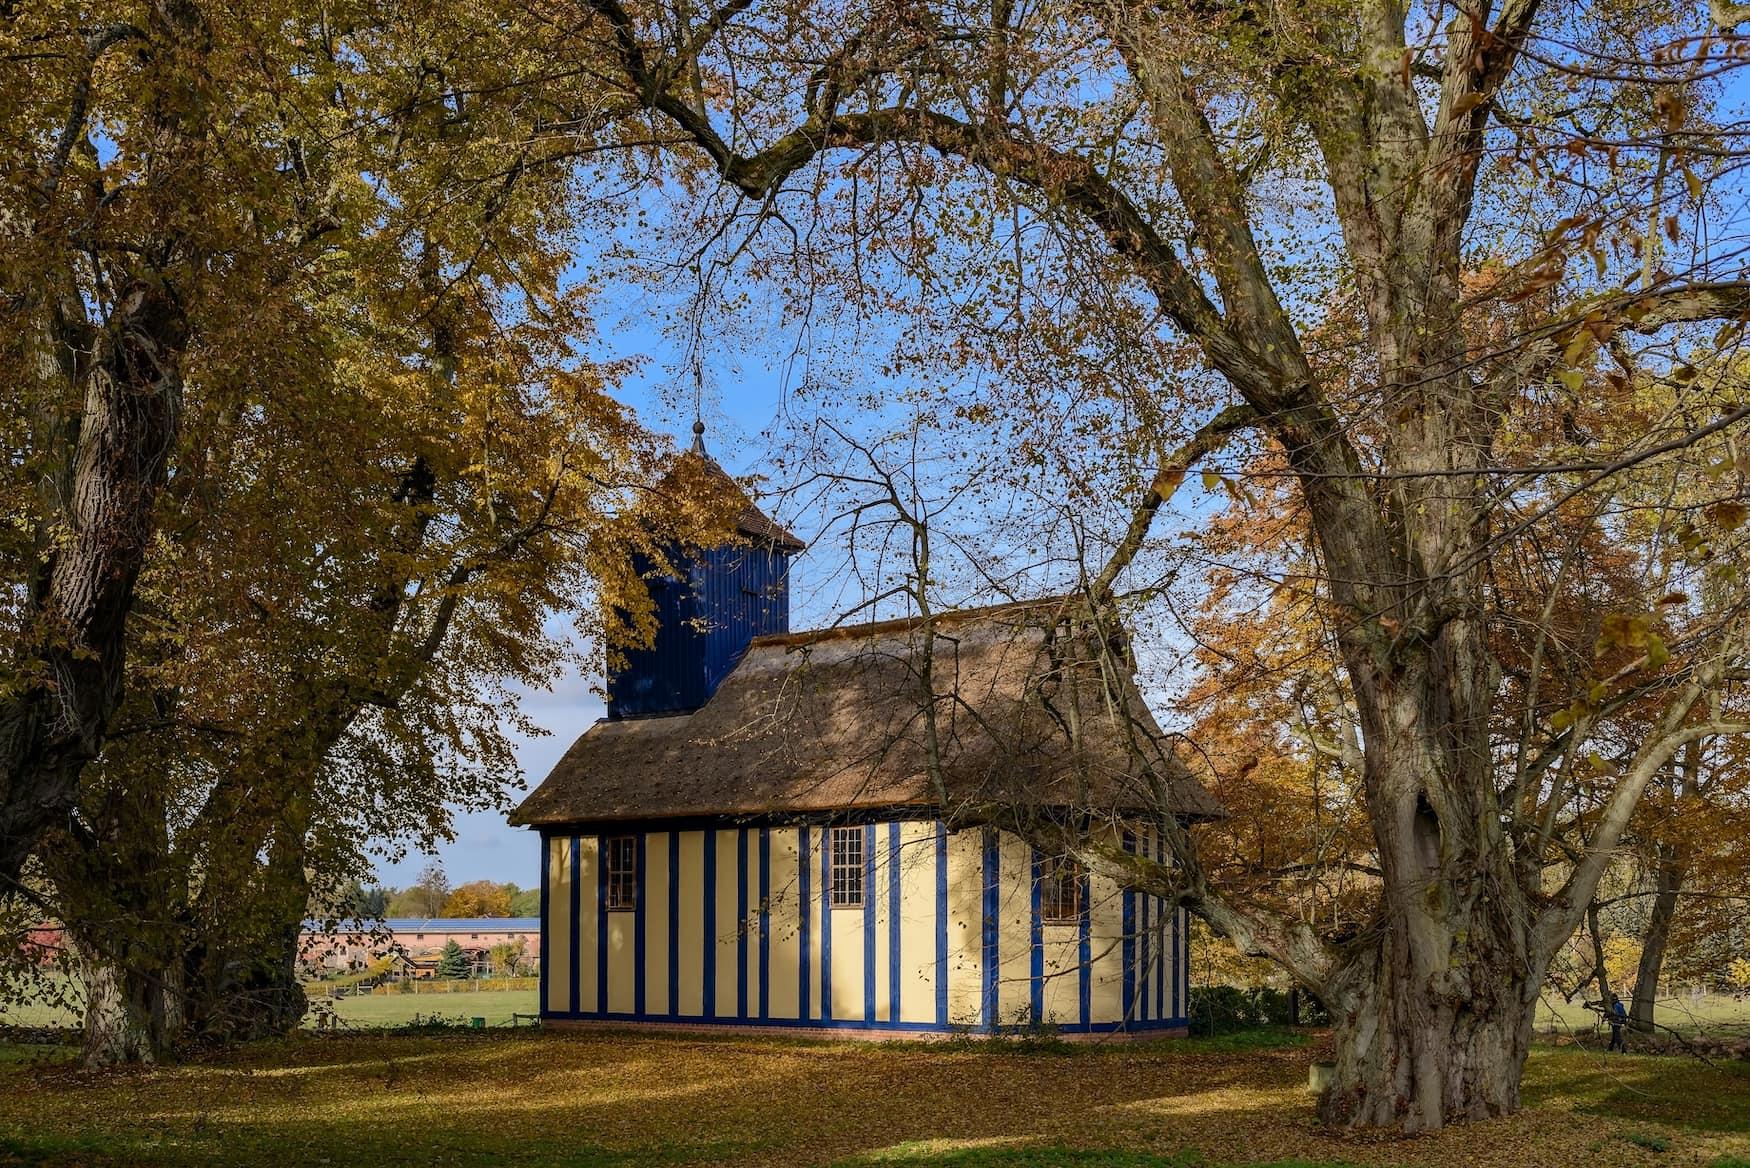 Historische Fachwerkkirche in Alt Placht